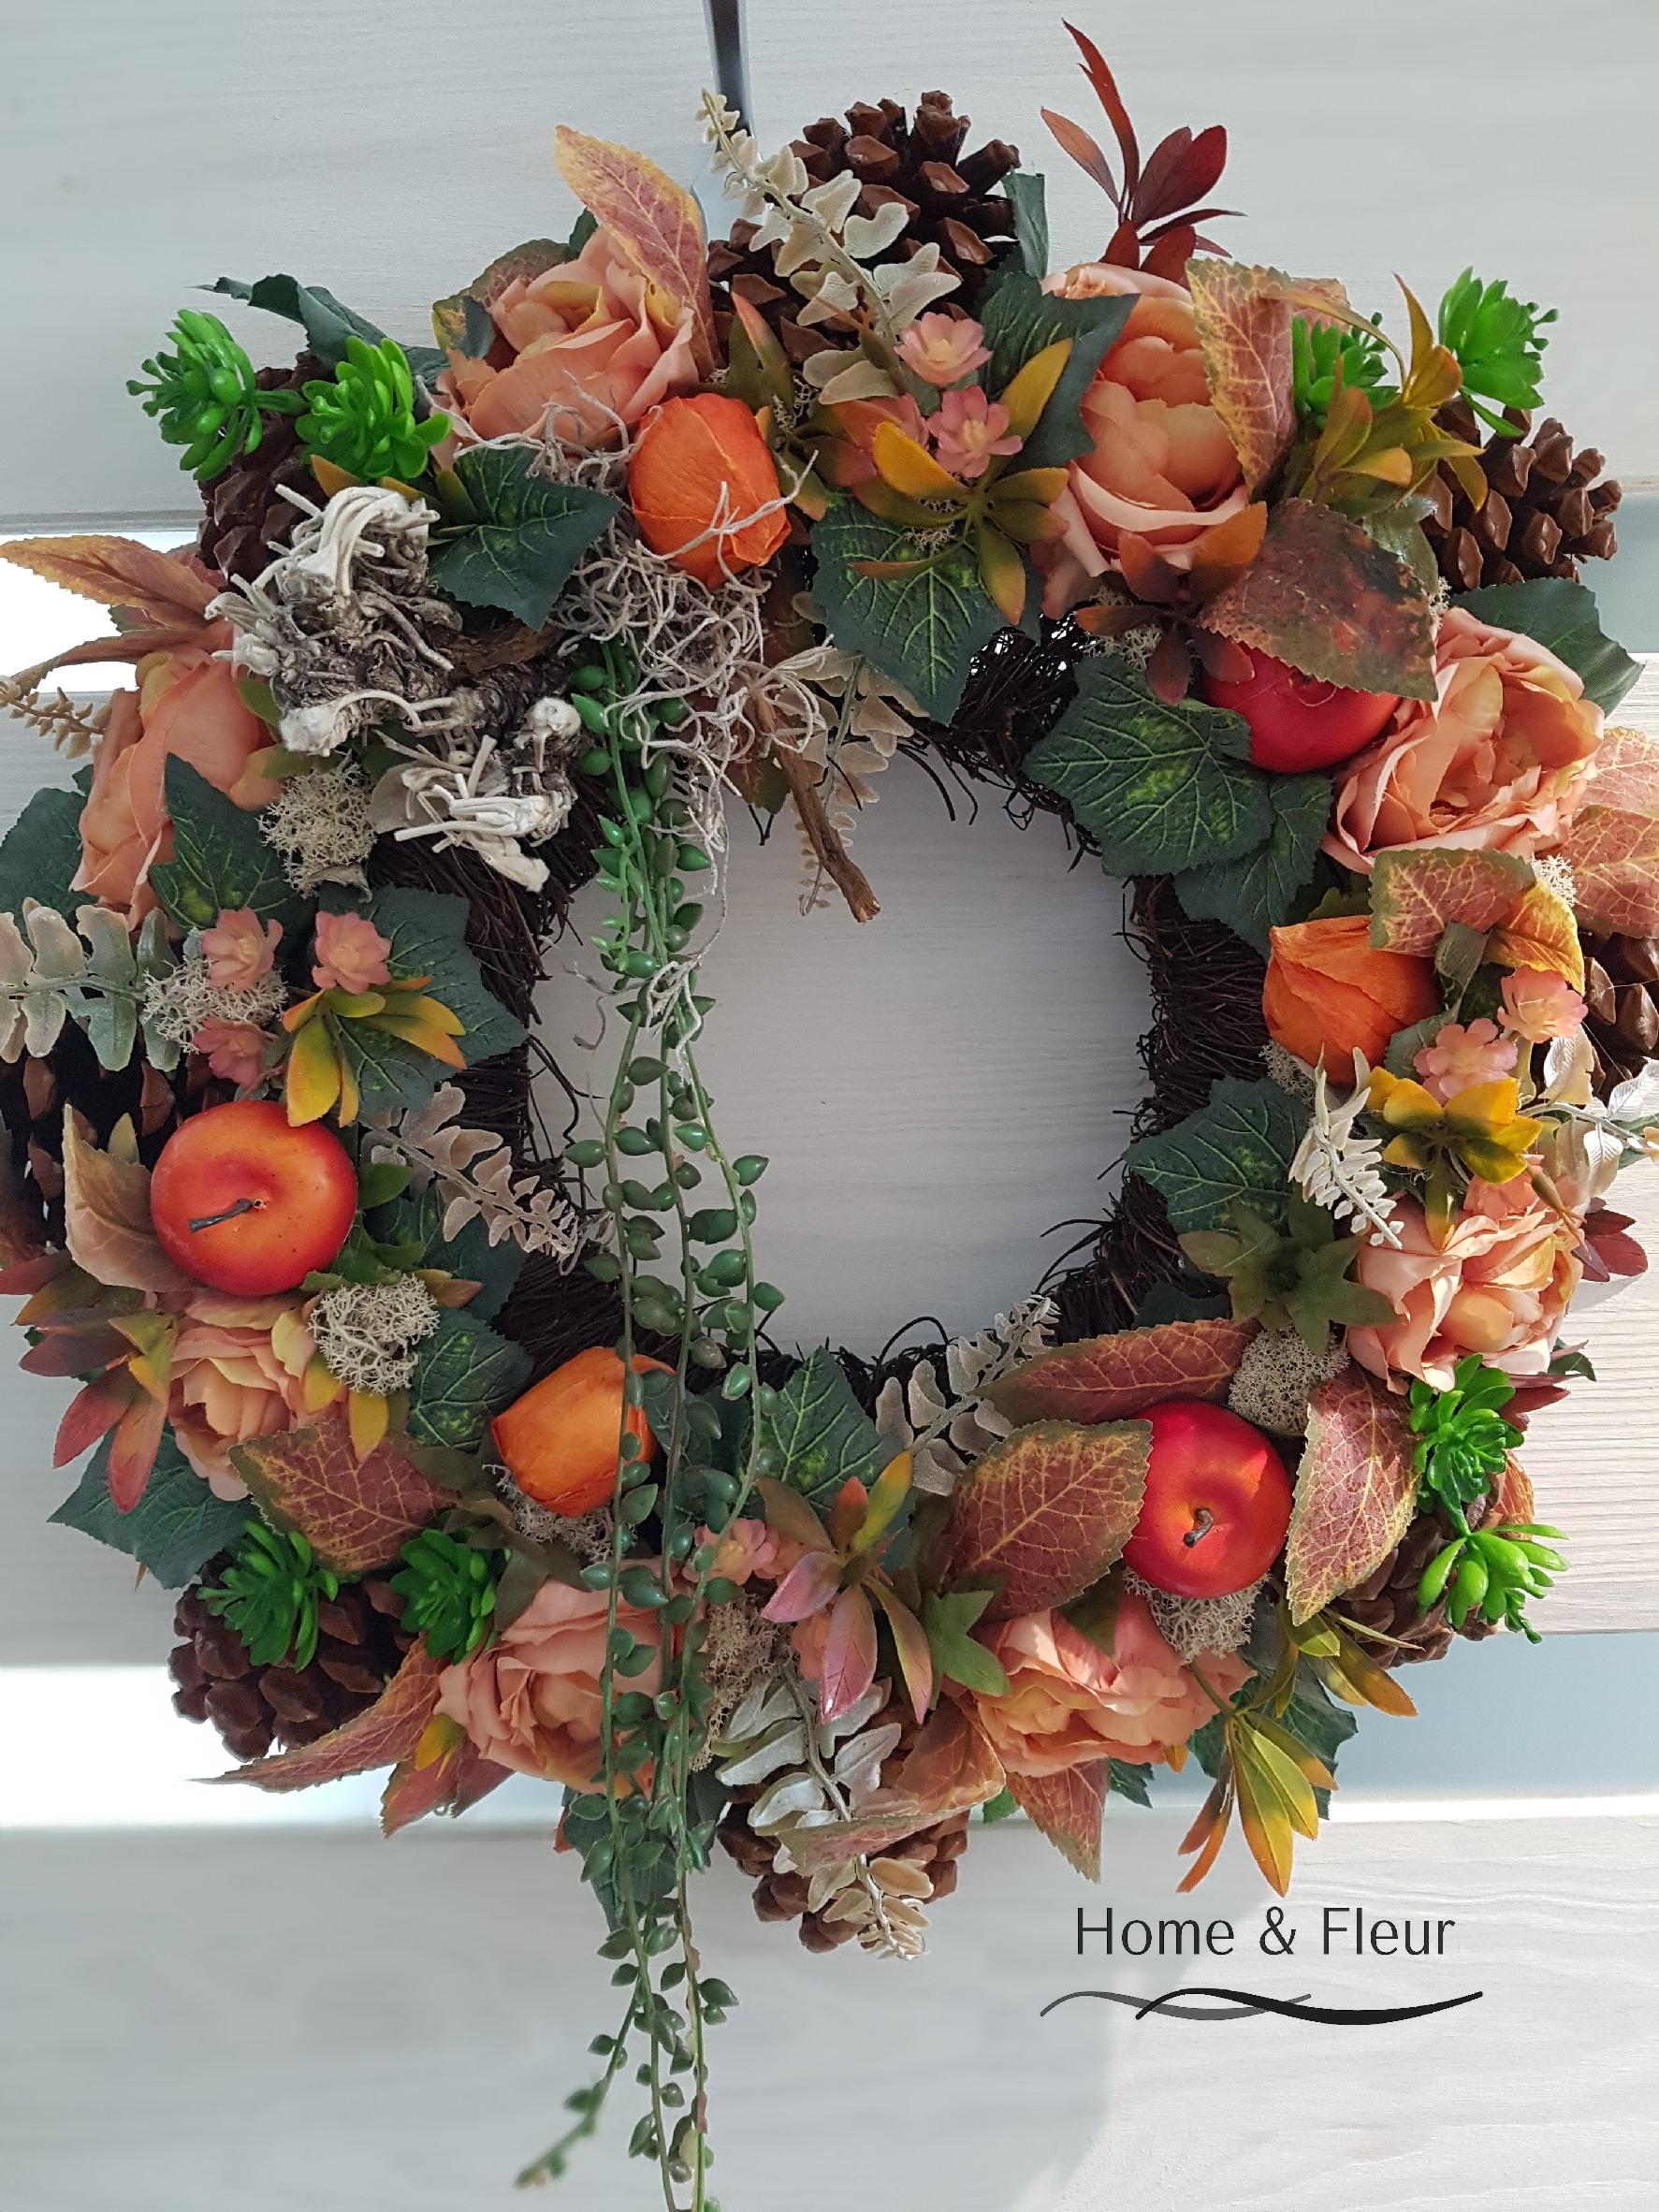 Ekskluzywny Wianek W Kolorach Jesieni 50 Cm 8413914633 Oficjalne Archiwum Allegro Christmas Wreaths Holiday Decor Fall Wreath